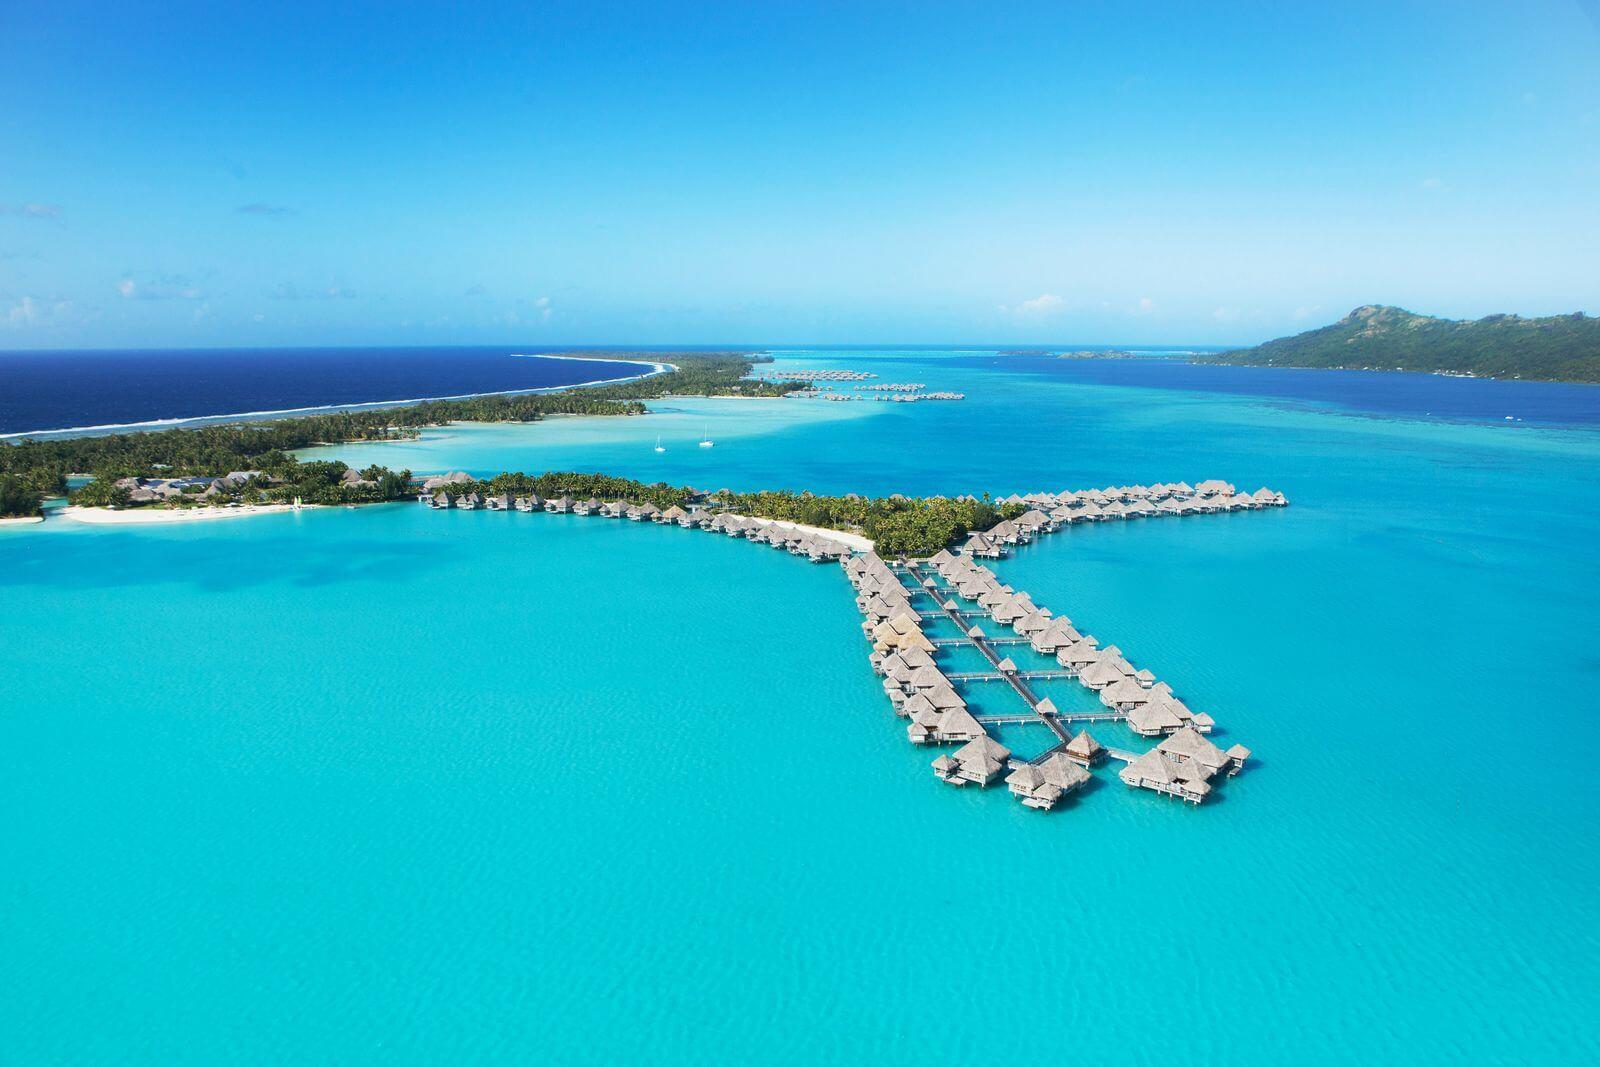 Saint Regis Bora Bora island